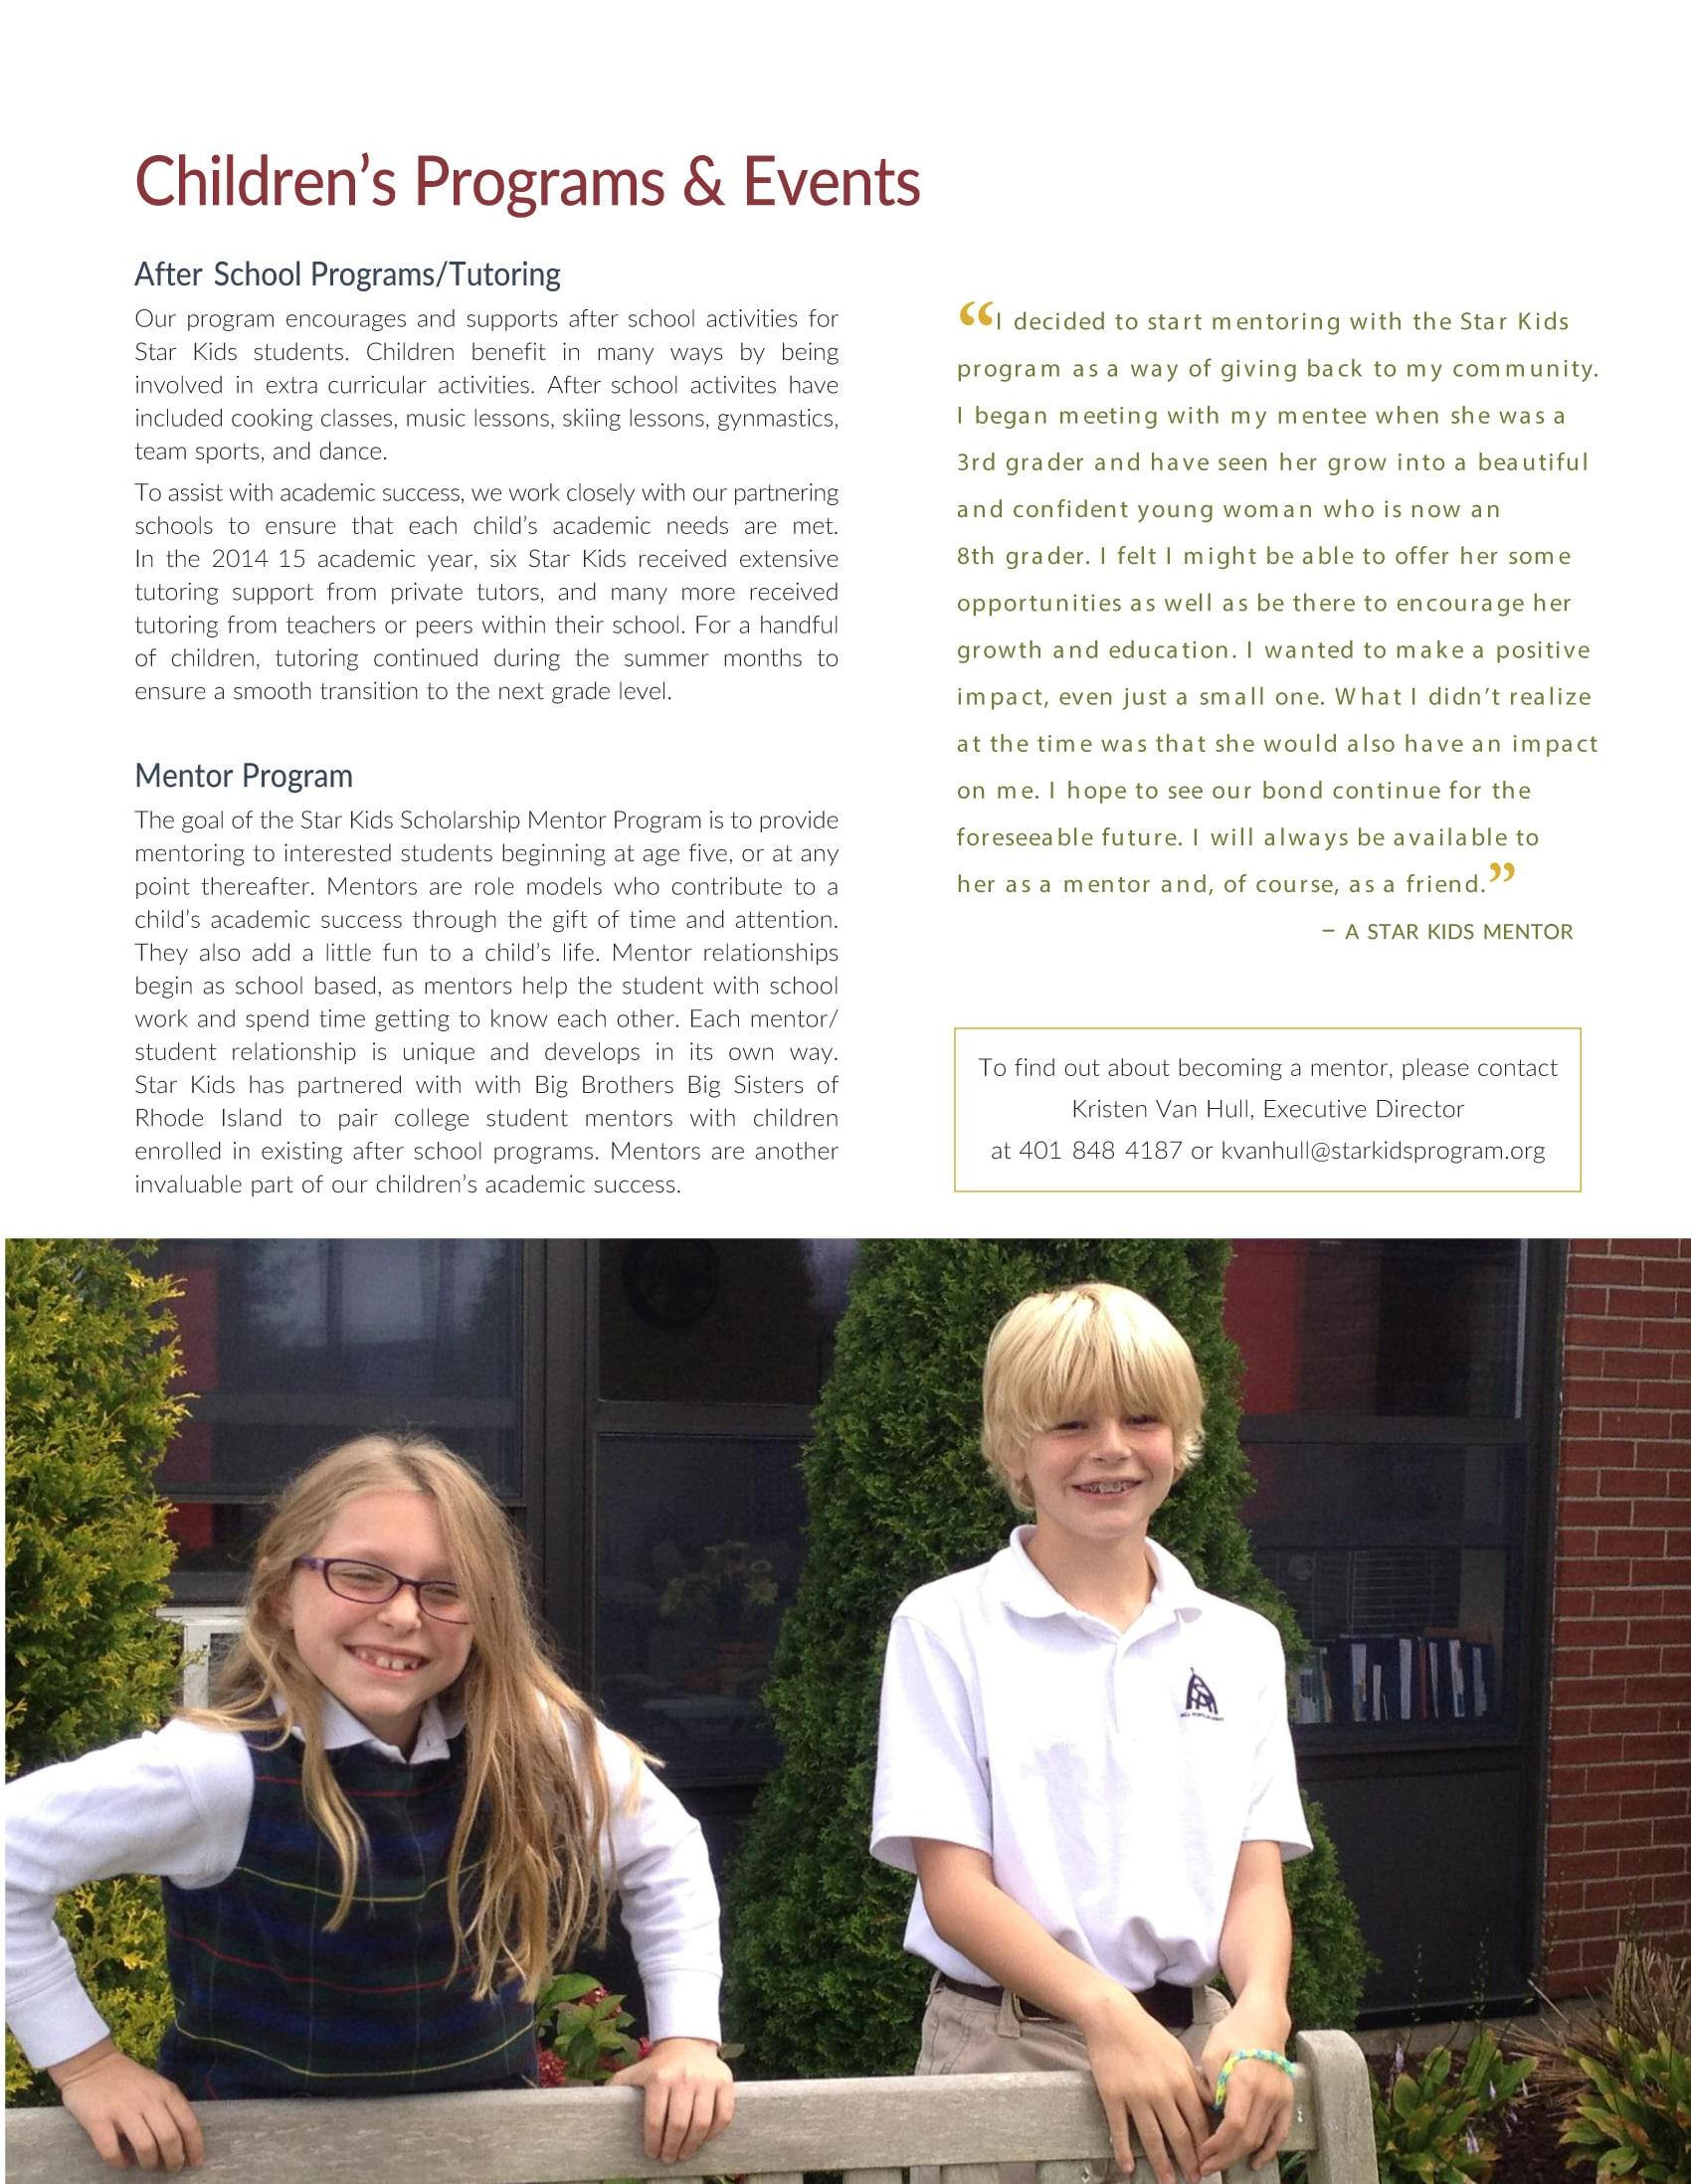 AnnualReport2015_7